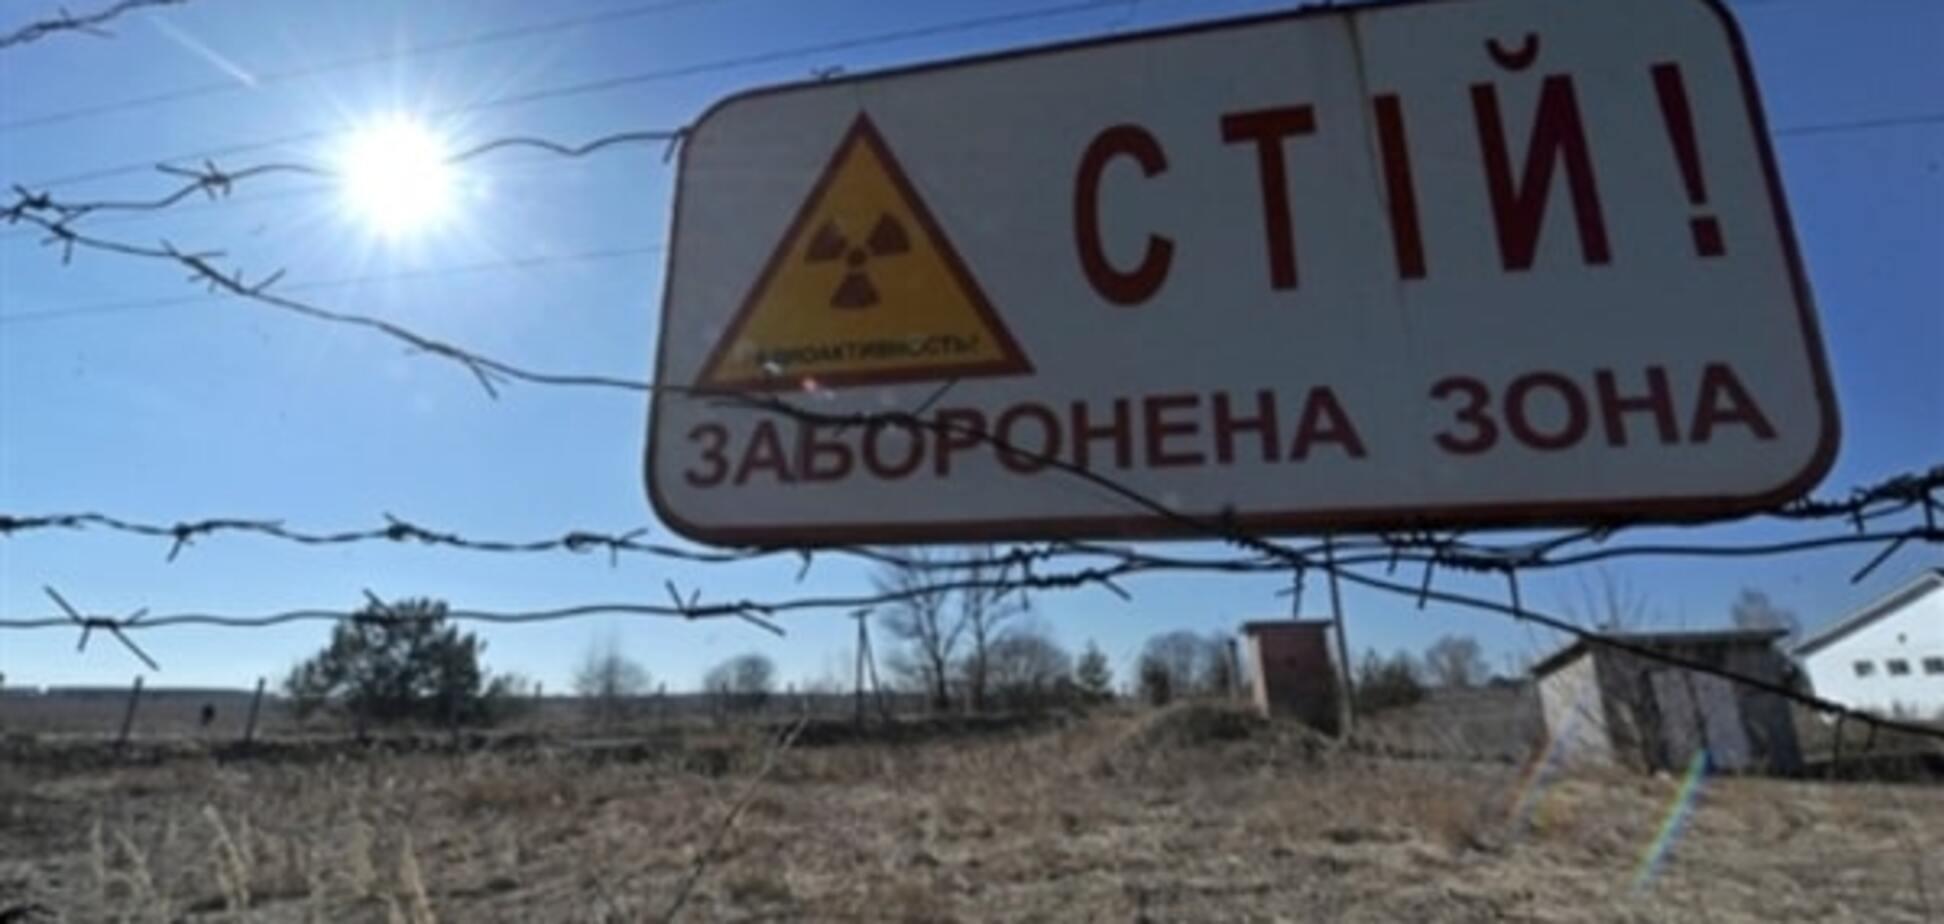 Місто-привид: хто побудує ядерне сховище в Чорнобилі